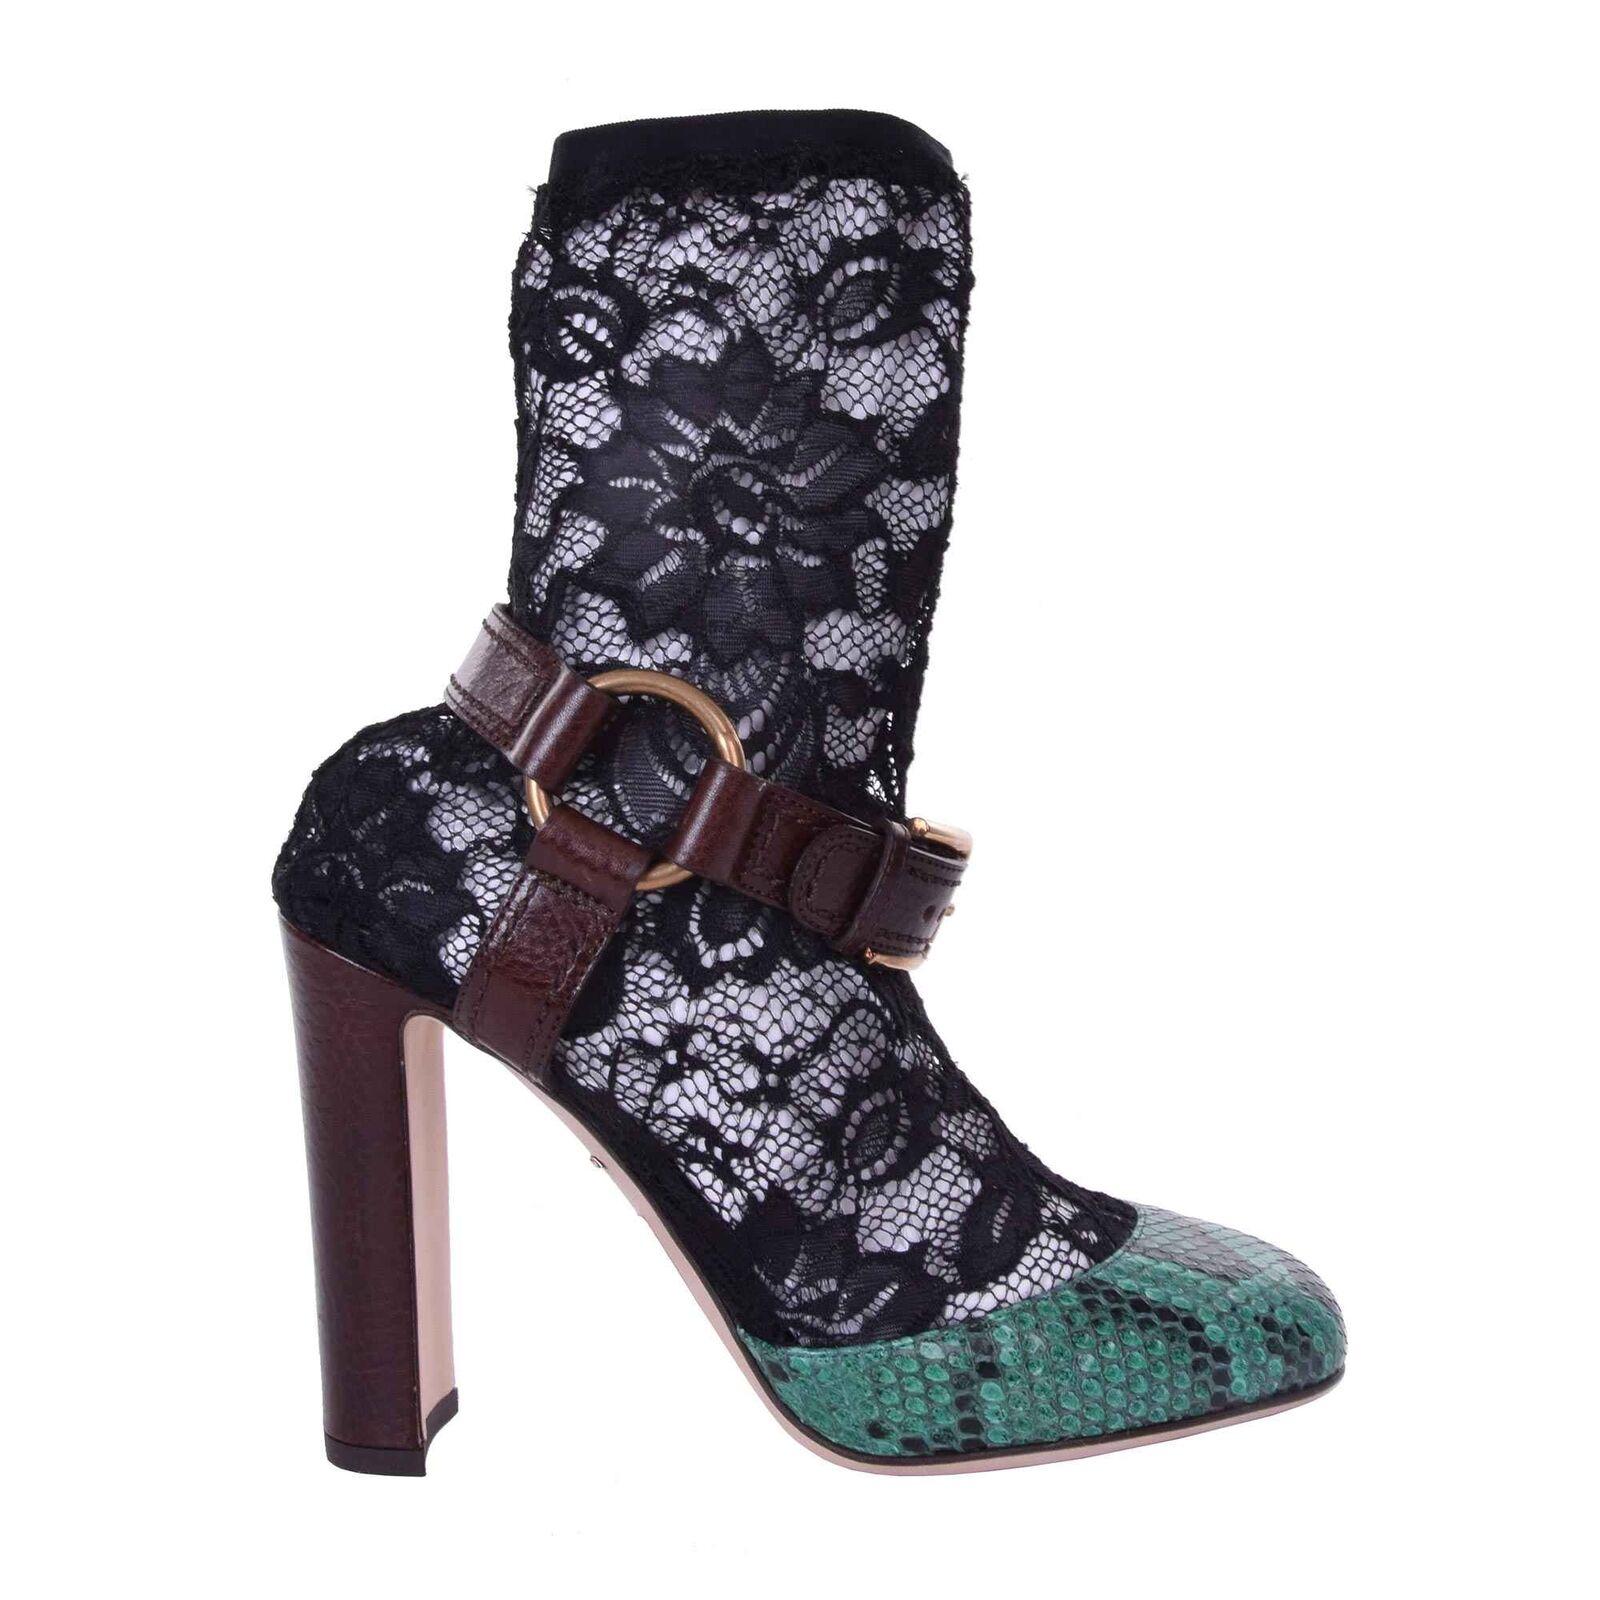 DOLCE & GBBBBNB Pumps Schuhe VBLLY aus Spitze Schlangenleder Schwarz Grün 06171